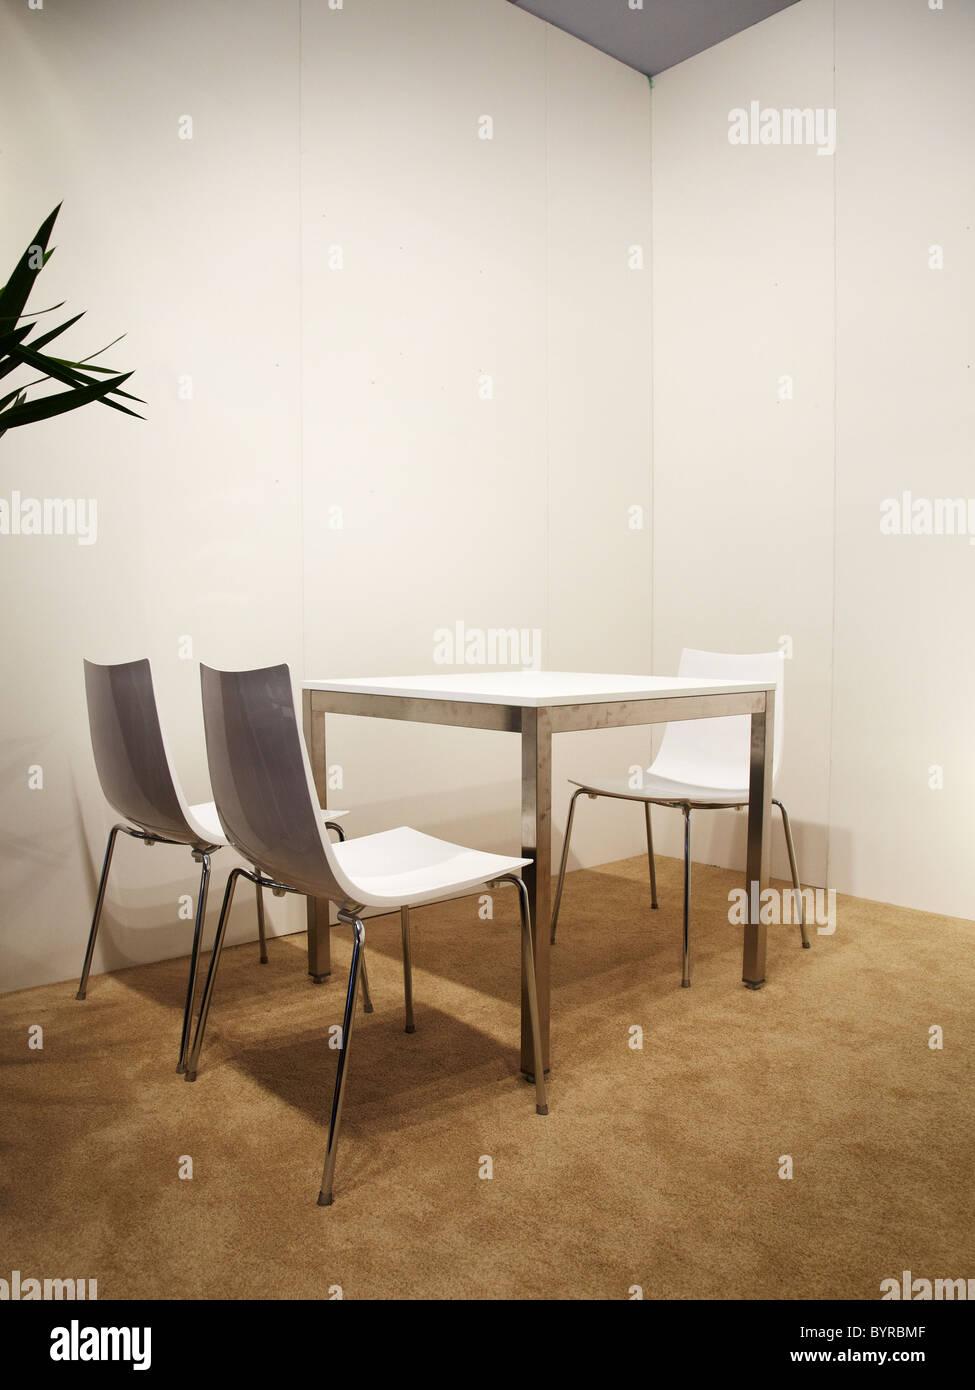 weiße Stühle und Tisch befindet sich im Innenraum mit weißen Wänden, Wartebereich, Rezeption, Stockbild